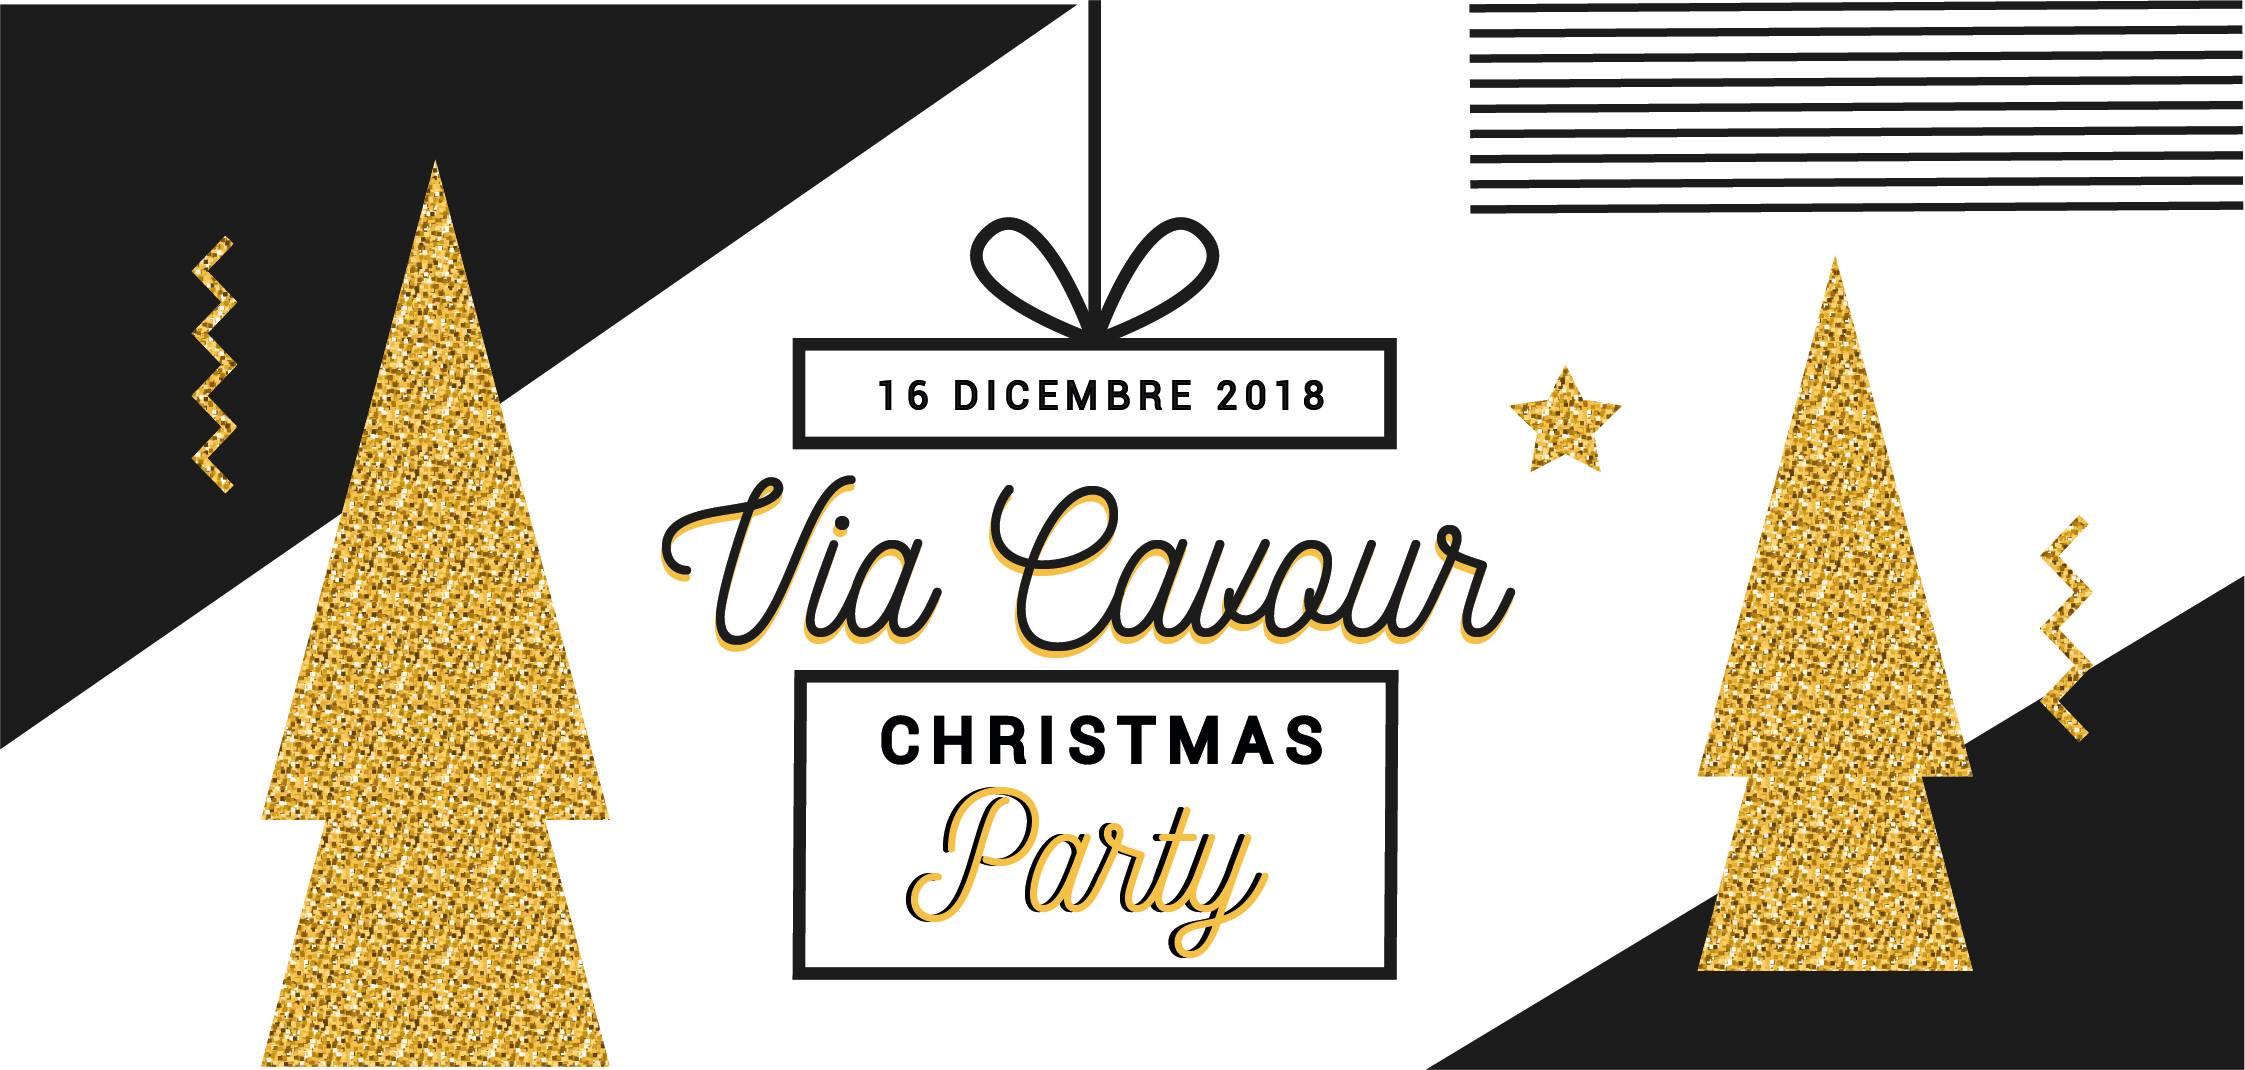 Via Cavour Christmas Party